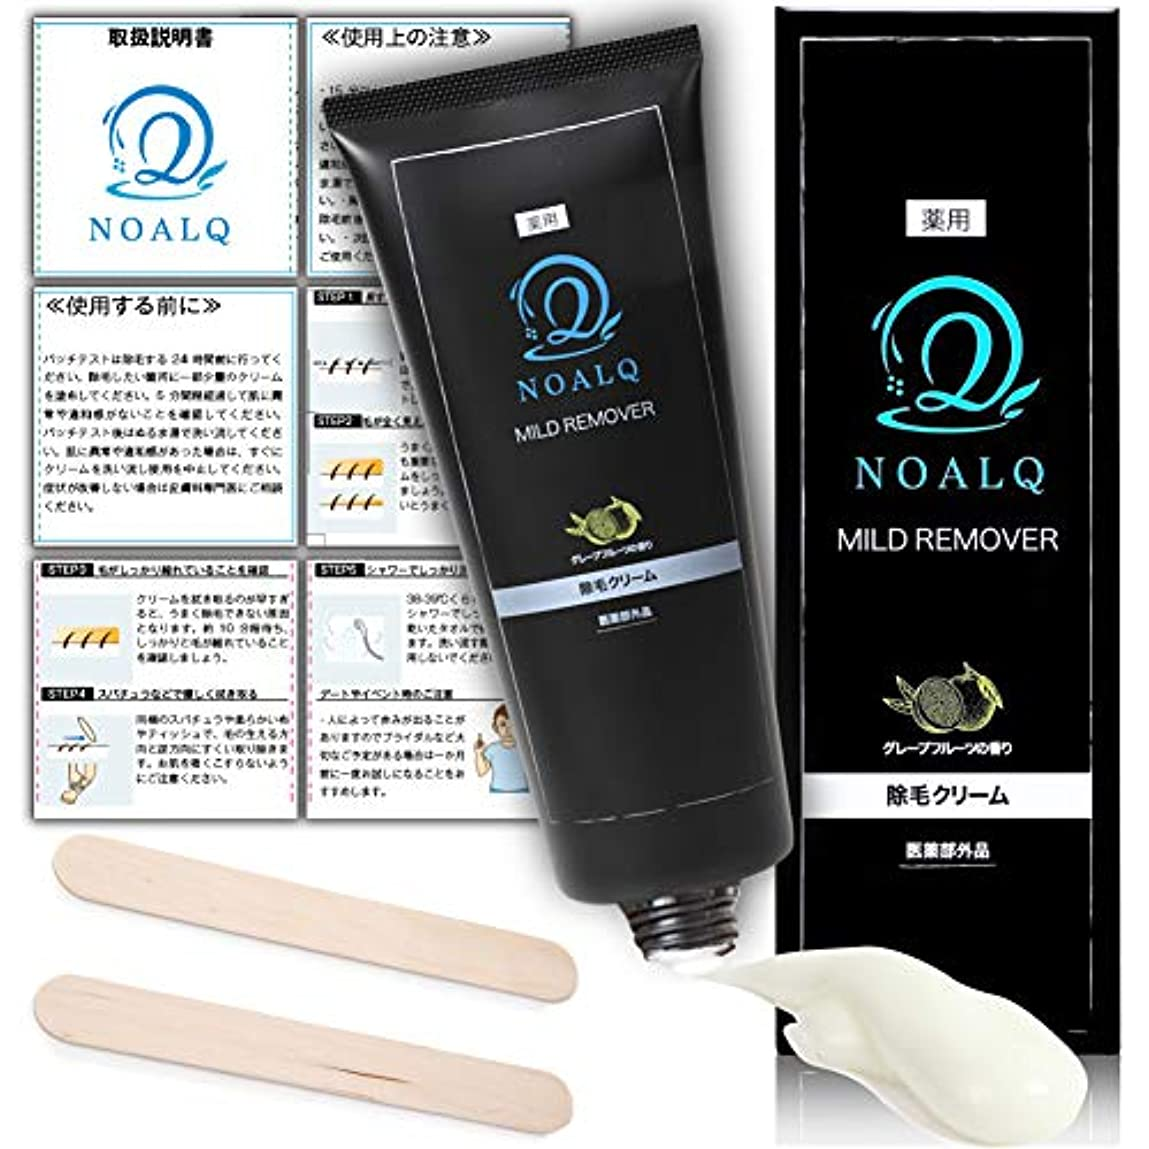 対処する敬意を表してエレベーターNOALQ(ノアルク) 除毛クリーム 薬用リムーバークリーム 超大容量220g メンズ [陰部/VIO/アンダーヘア/ボディ用] 日本製 グレープフルーツフレーバータイプ